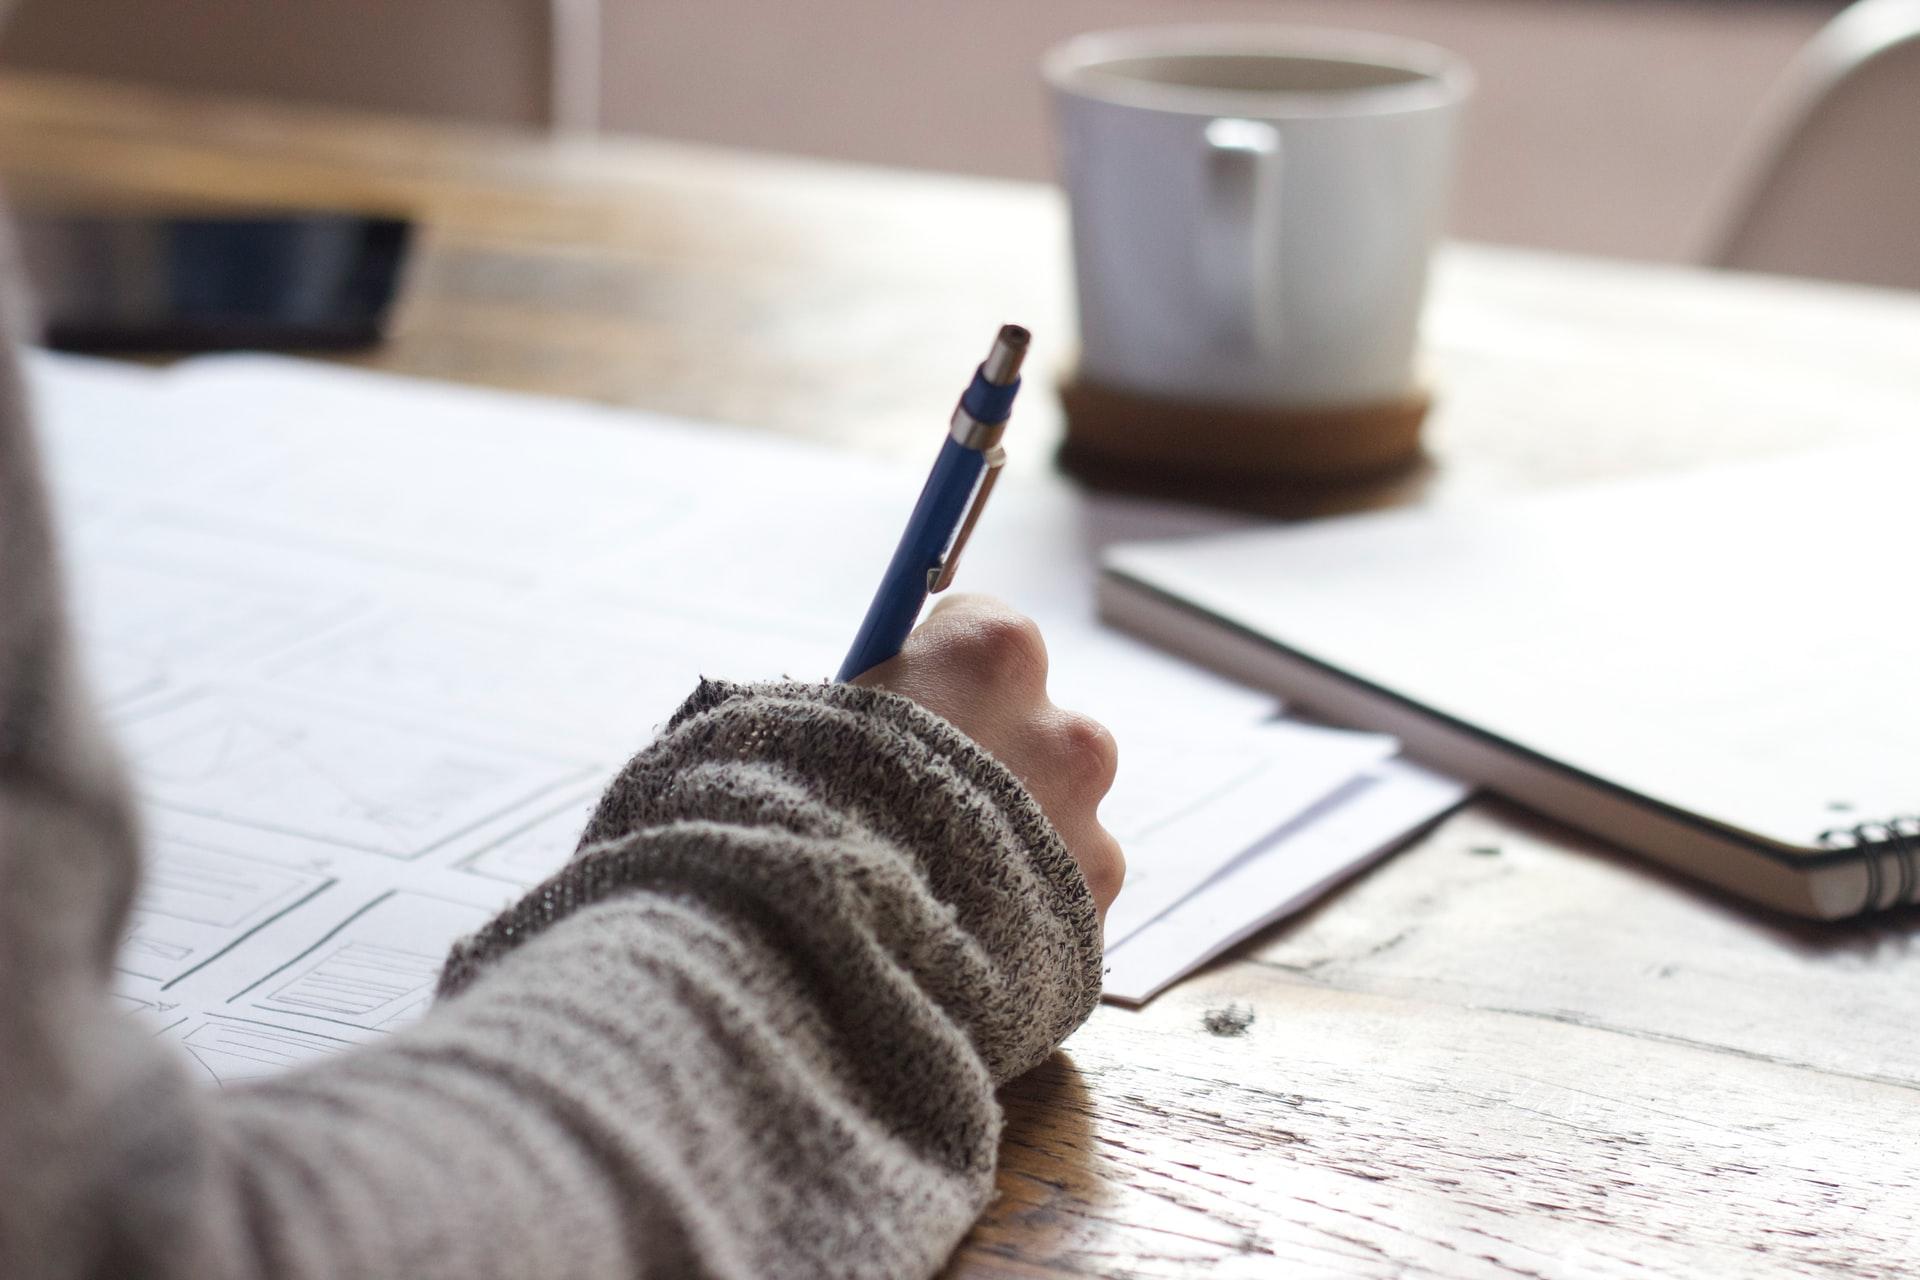 Studying, writing - Unsplash